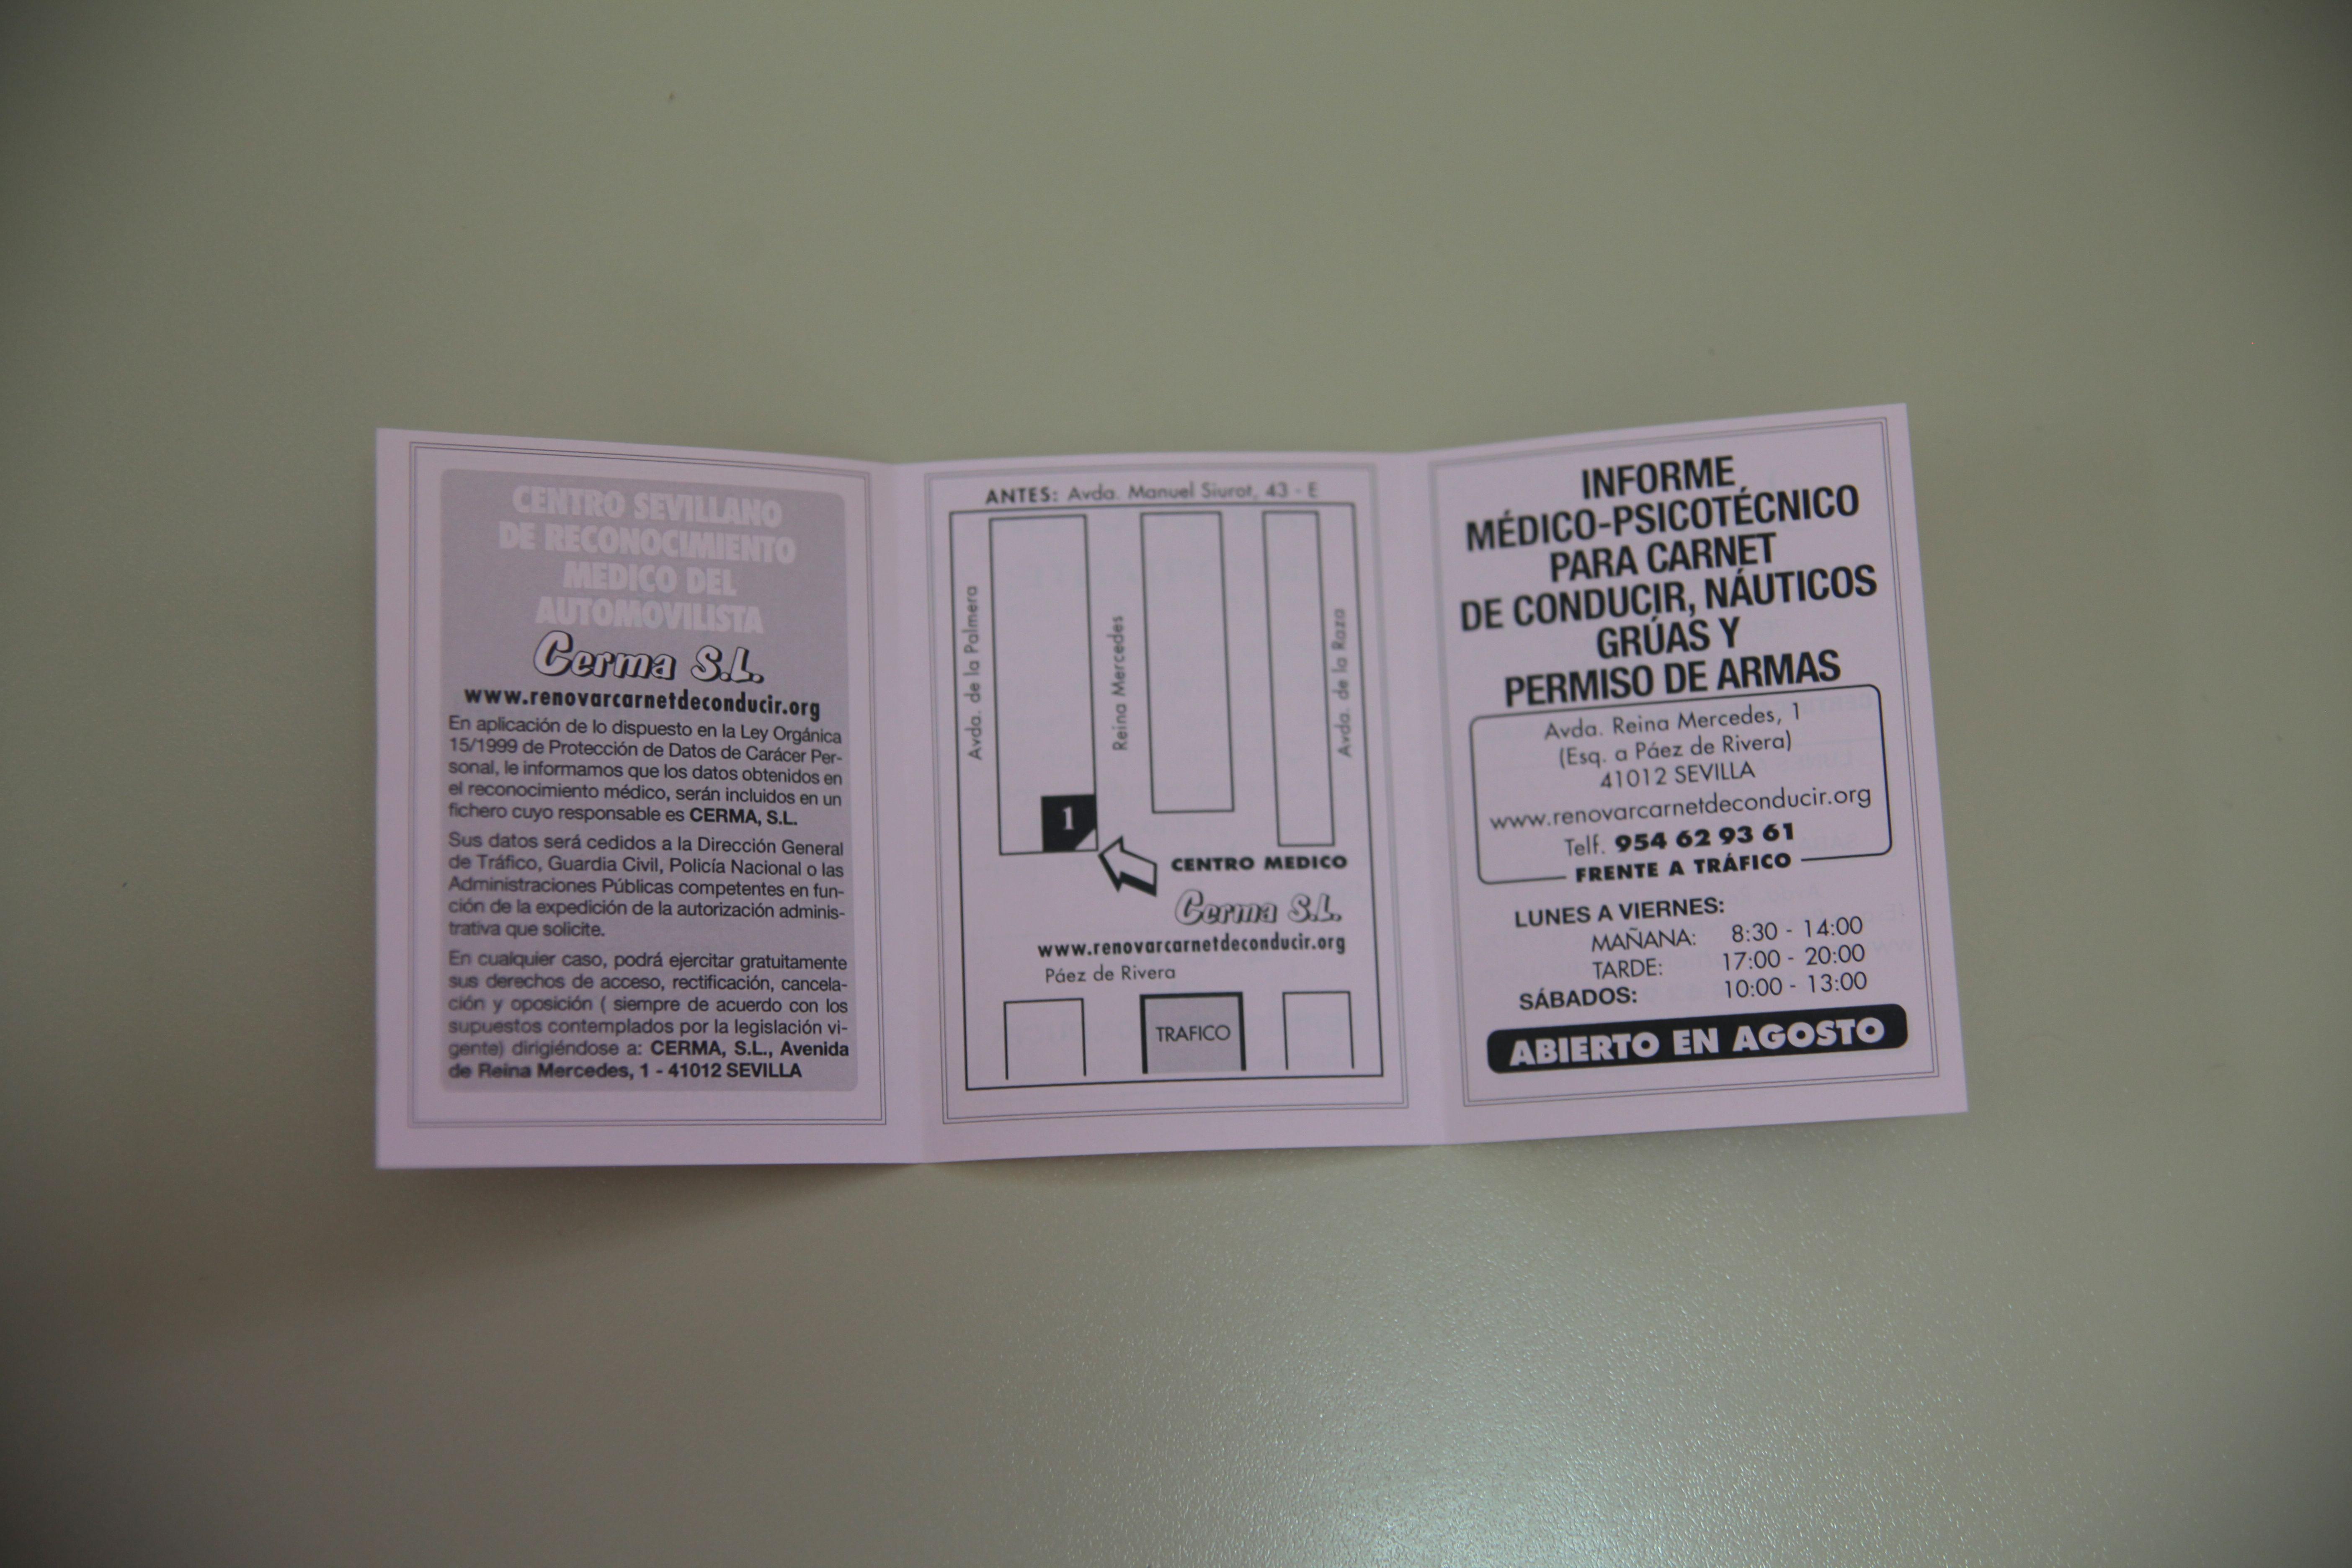 Foto 8 de Reconocimientos y certificados médicos en SEVILLA   CERMA S.L.